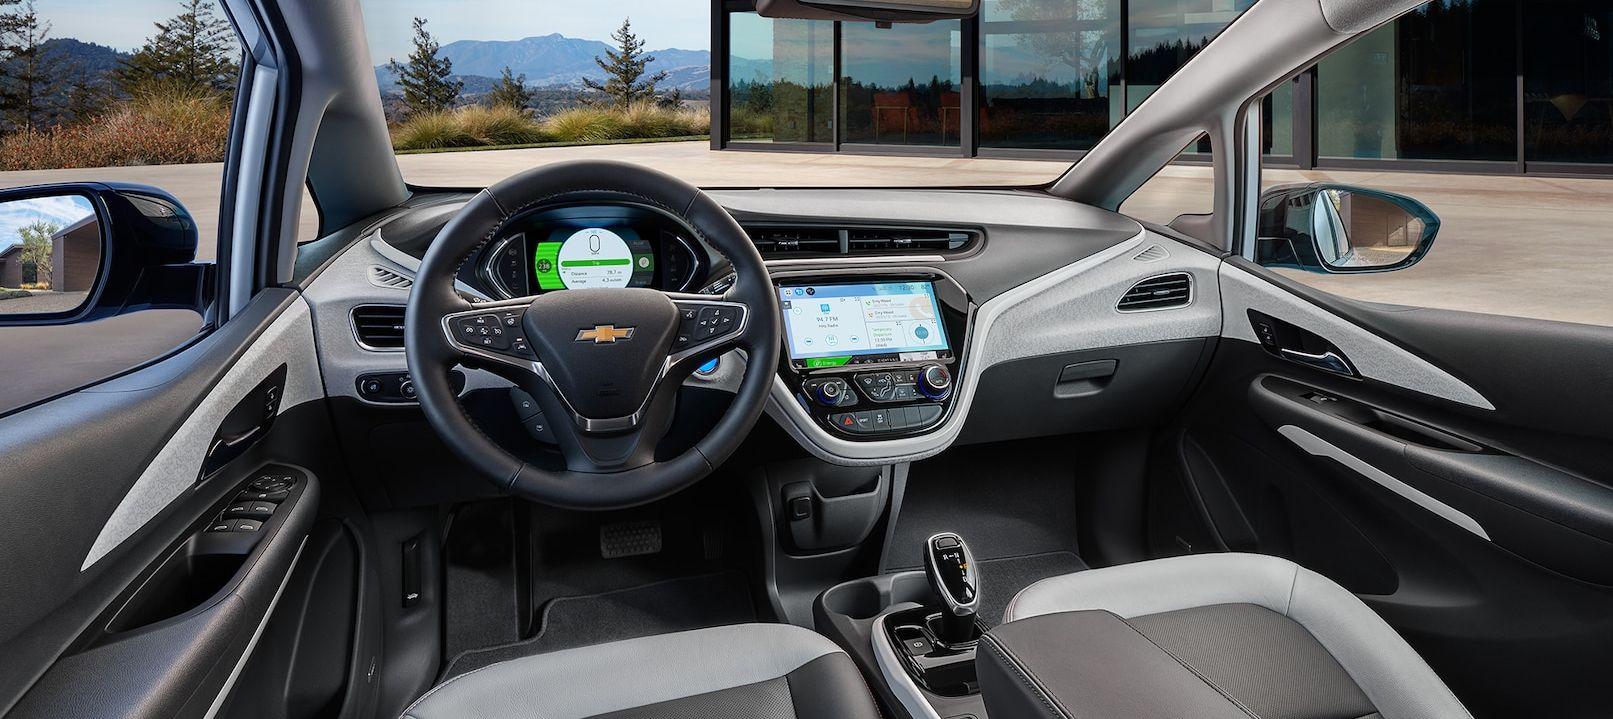 Interior of the Chevy Bolt EV